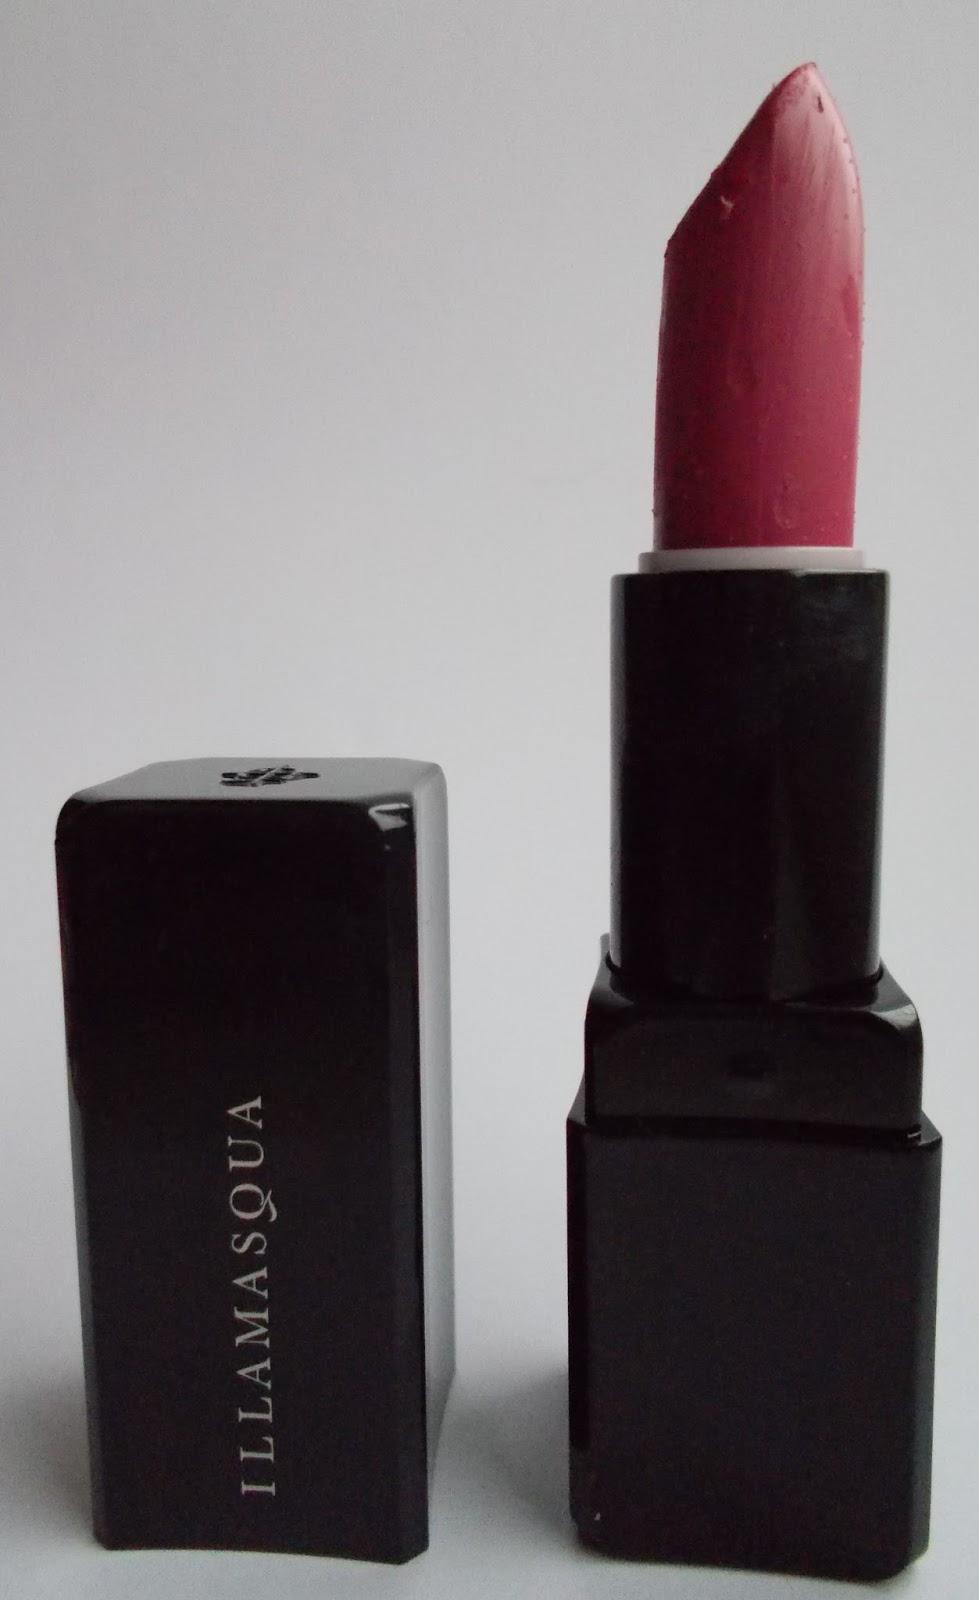 Illamasqua Resist Matte Pink Lipstick